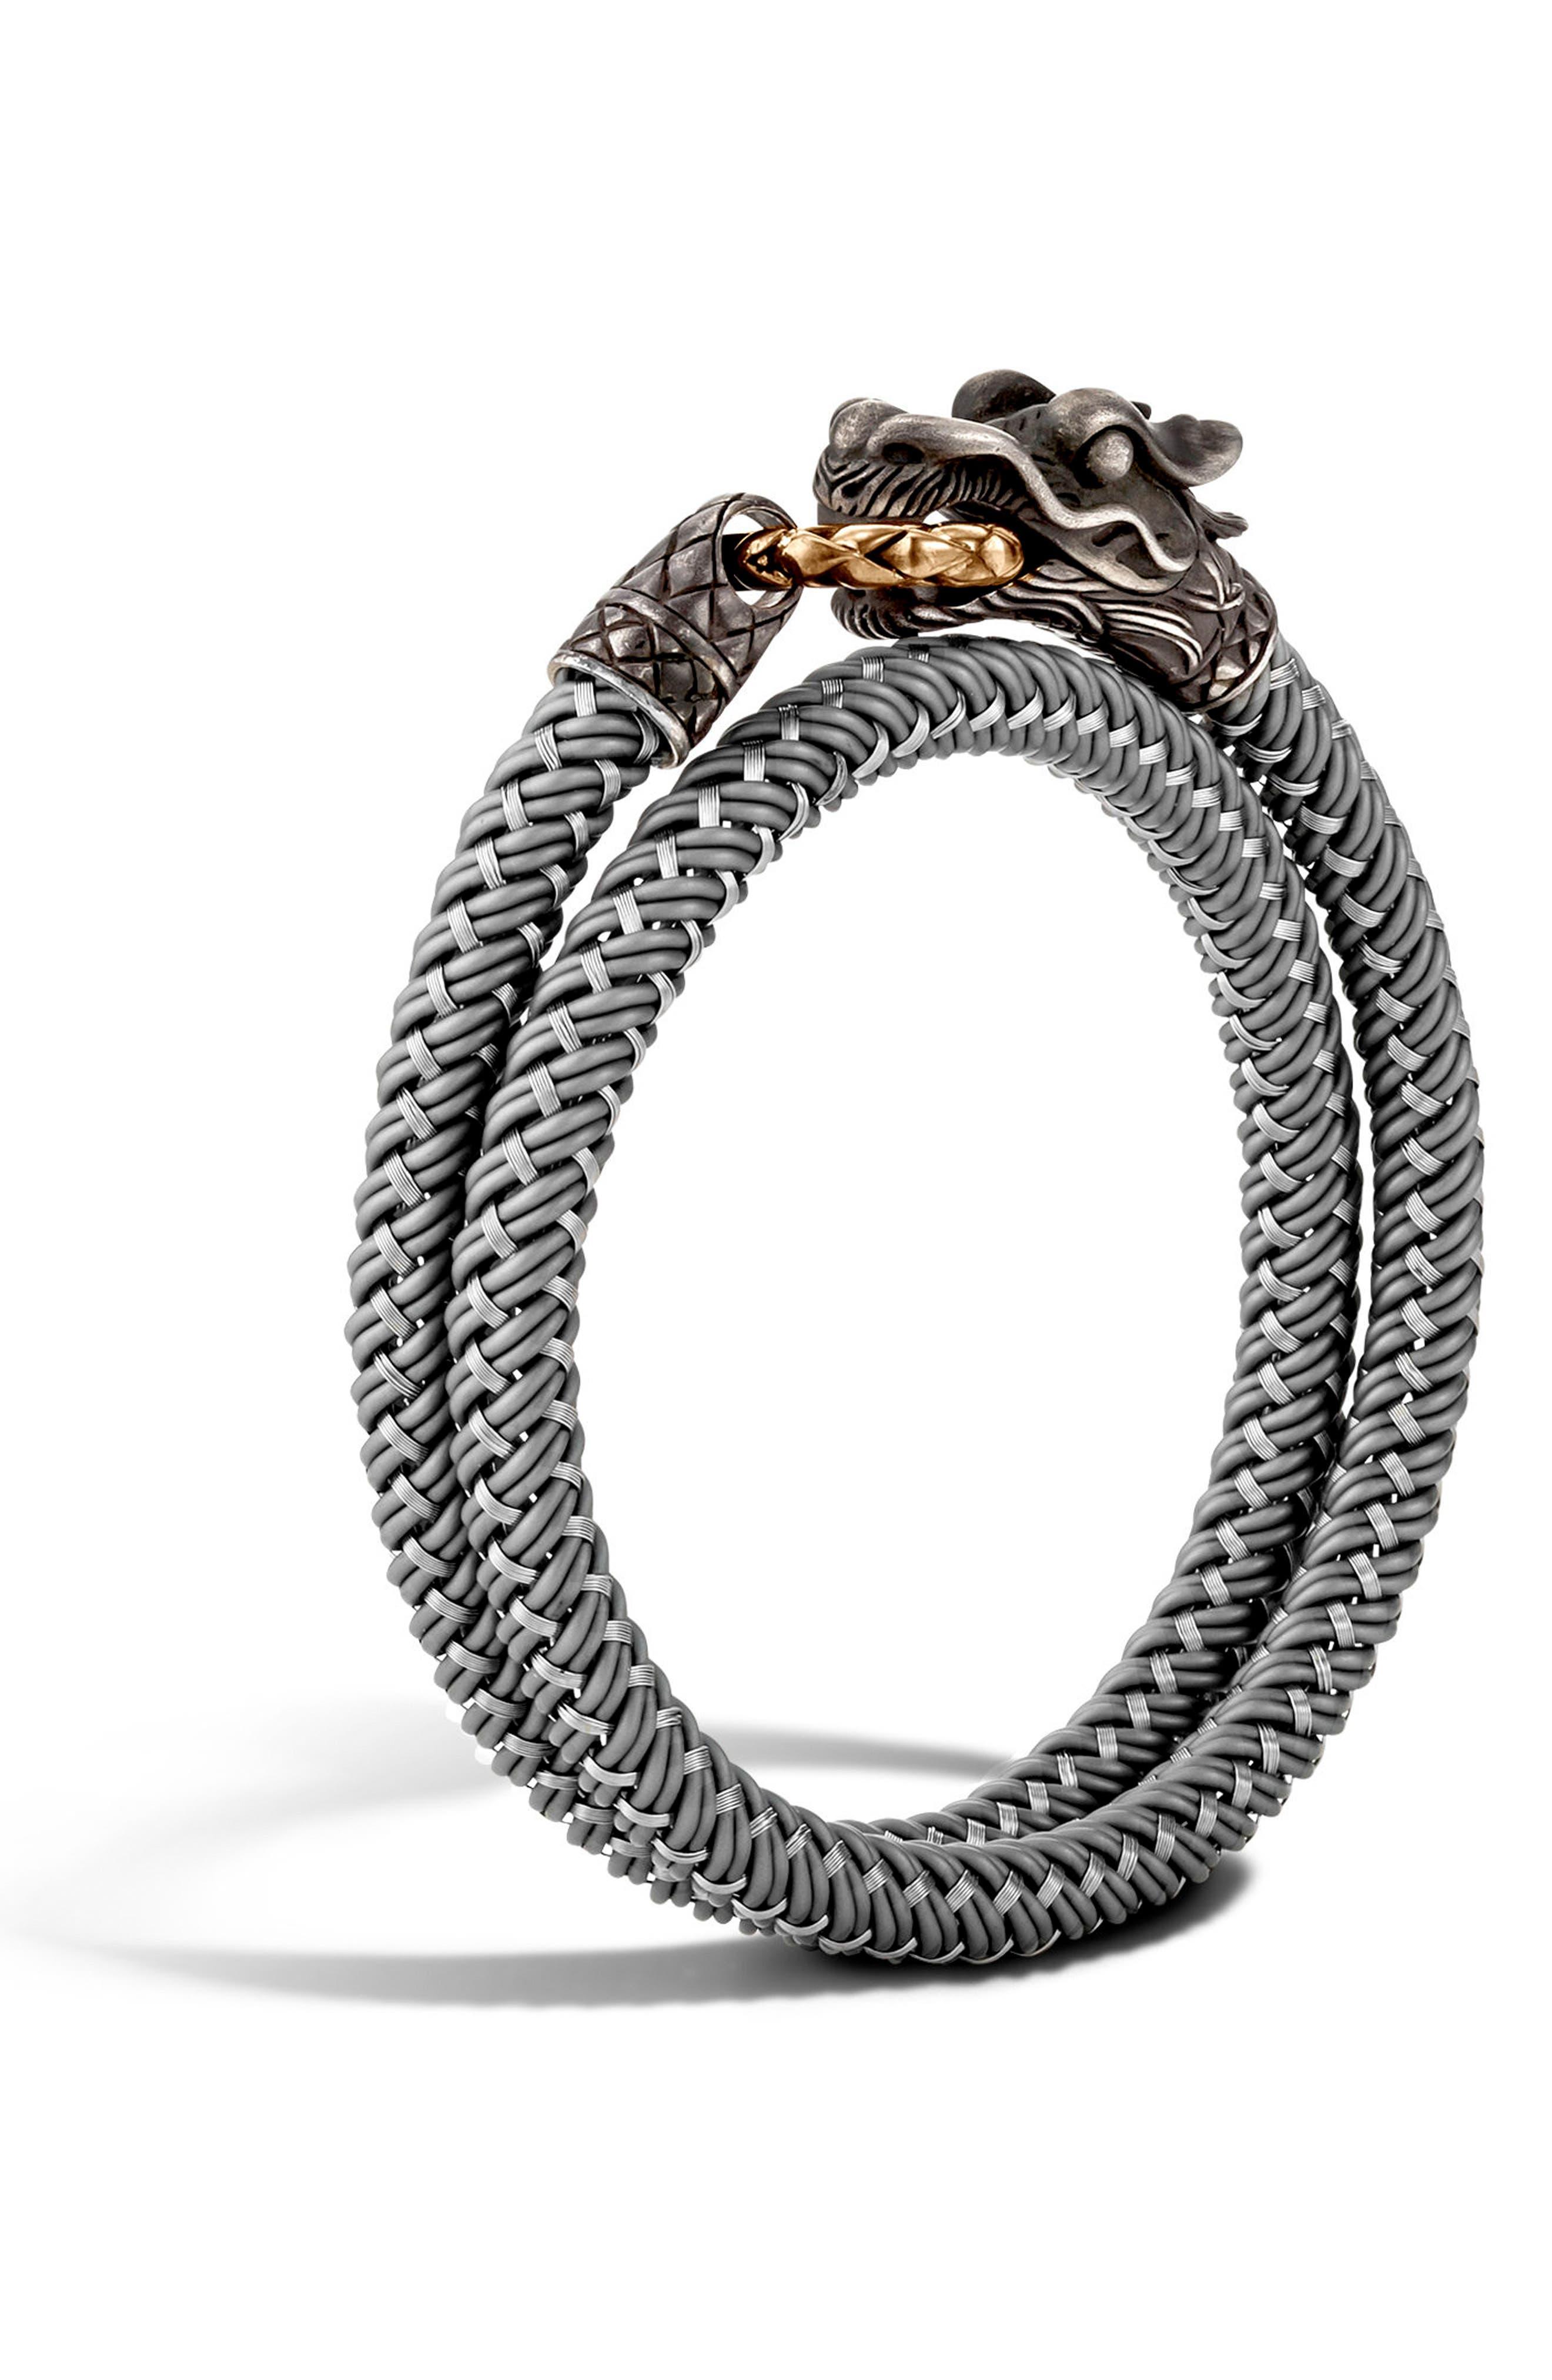 Legends Naga Double Wrap Bracelet,                             Main thumbnail 1, color,                             040